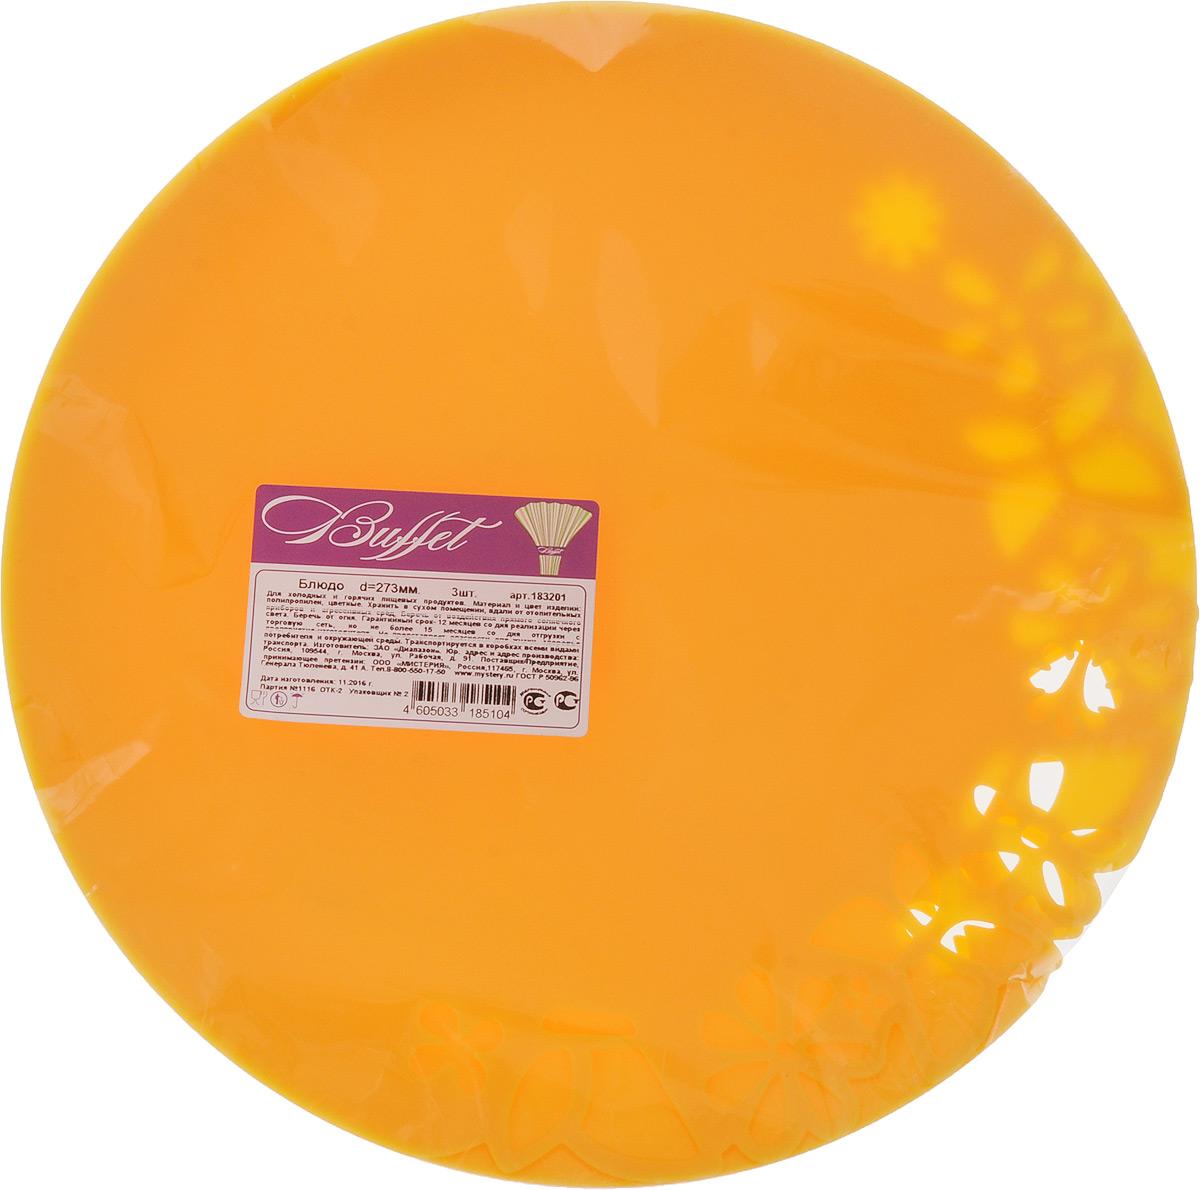 Набор тарелок Buffet, цвет: оранжевый, диаметр 27,3 см, 3 шт115510Набор Buffet состоит из трех тарелок, оформленных декоративной перфорацией. Изделия, изготовленные из высококачественной полипропилена, сочетают в себе изысканный дизайн с максимальной функциональностью. Тарелки предназначены для холодных и горячих (до +70°С) продуктов. Такие тарелки незаменимы в поездках на природу и на пикниках.Диаметр тарелки: 27,3 см.Высота стенки: 1,5 см.